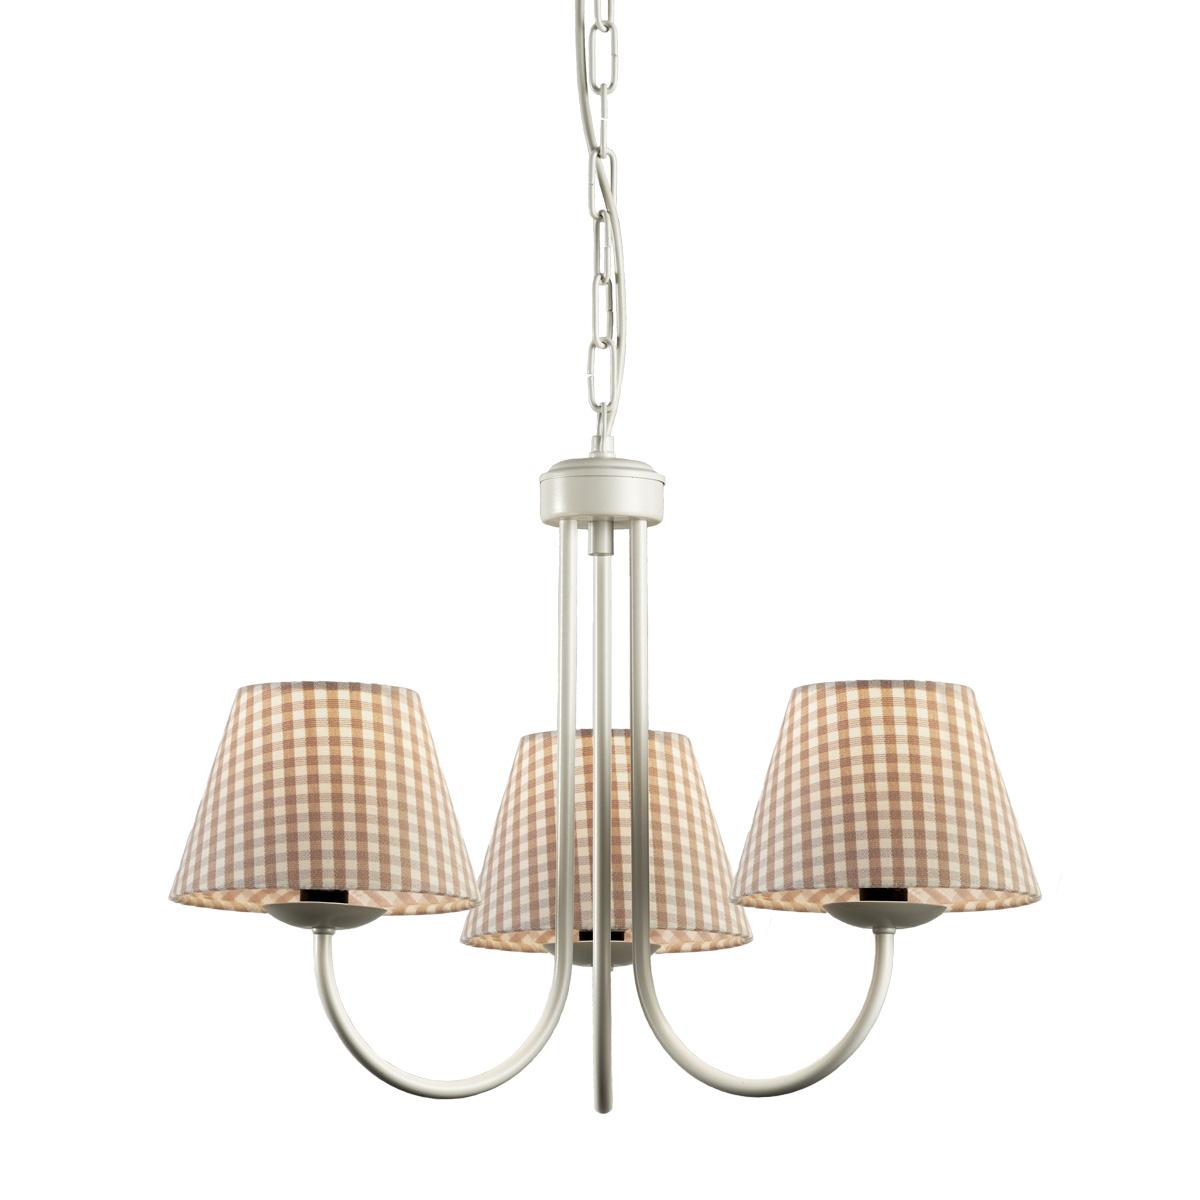 Ρουστίκ πολύφωτο με καφέ καρό καπέλα BIANCO-2 chandelier with brown plaided shades